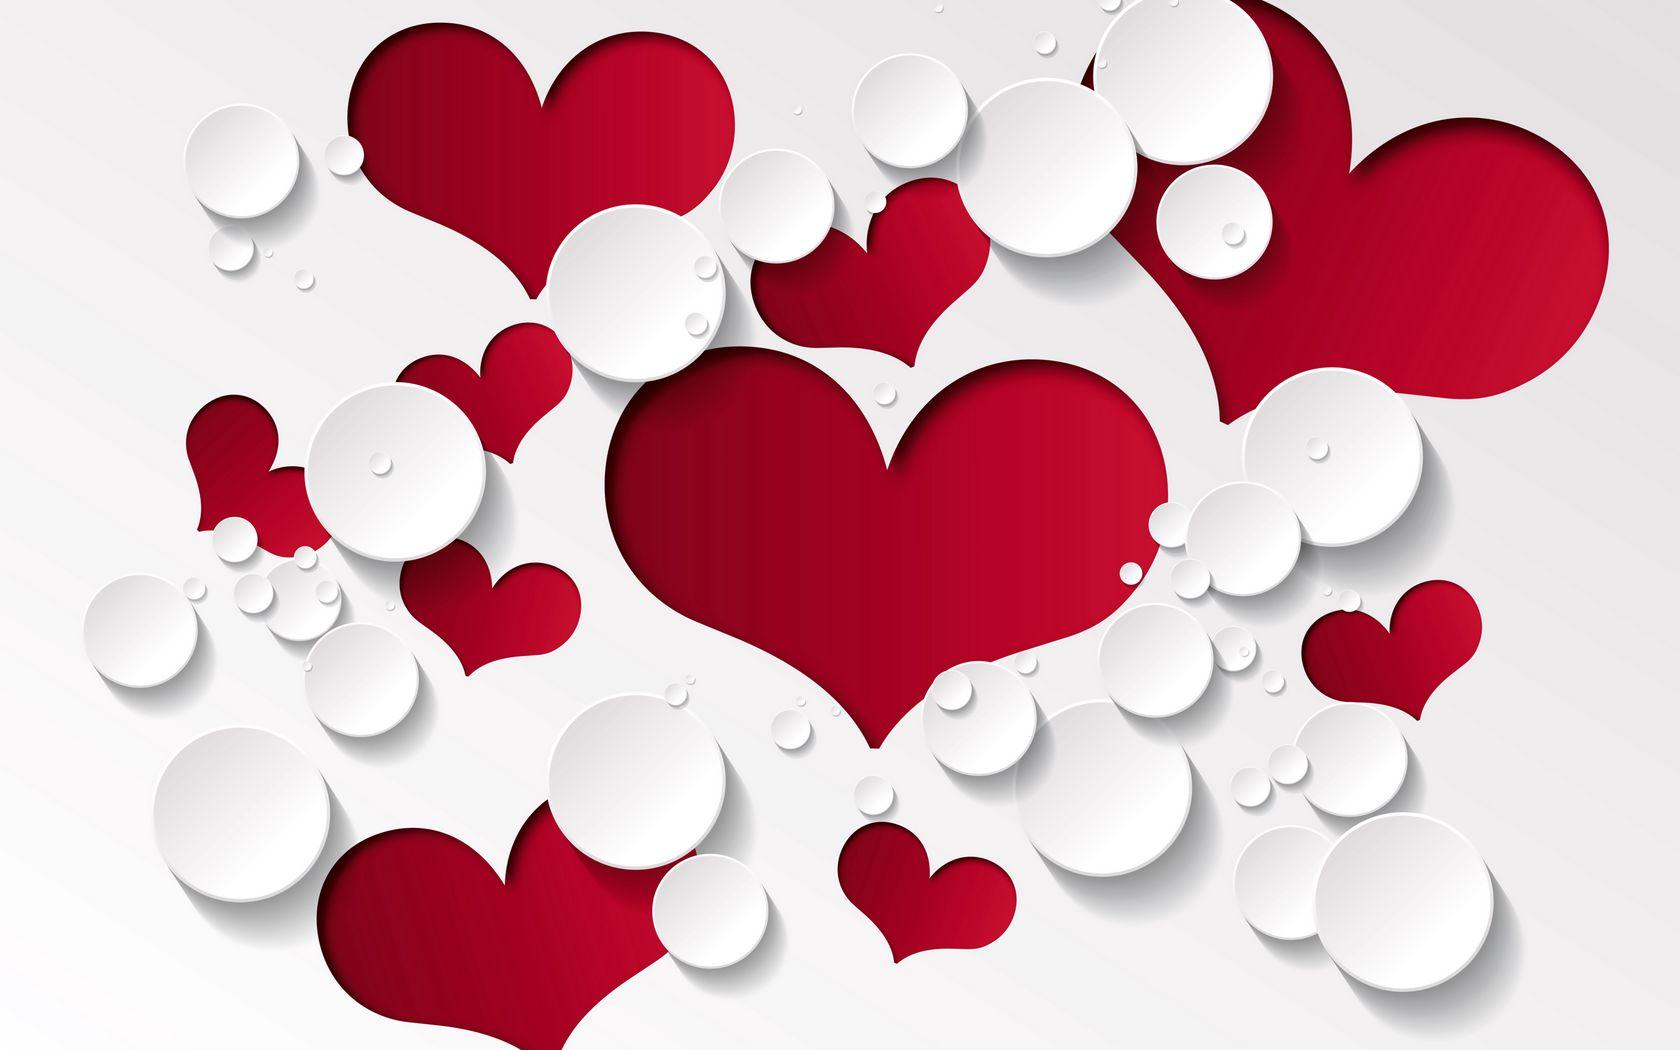 1680x1050 Wallpaper heart, shape, pattern